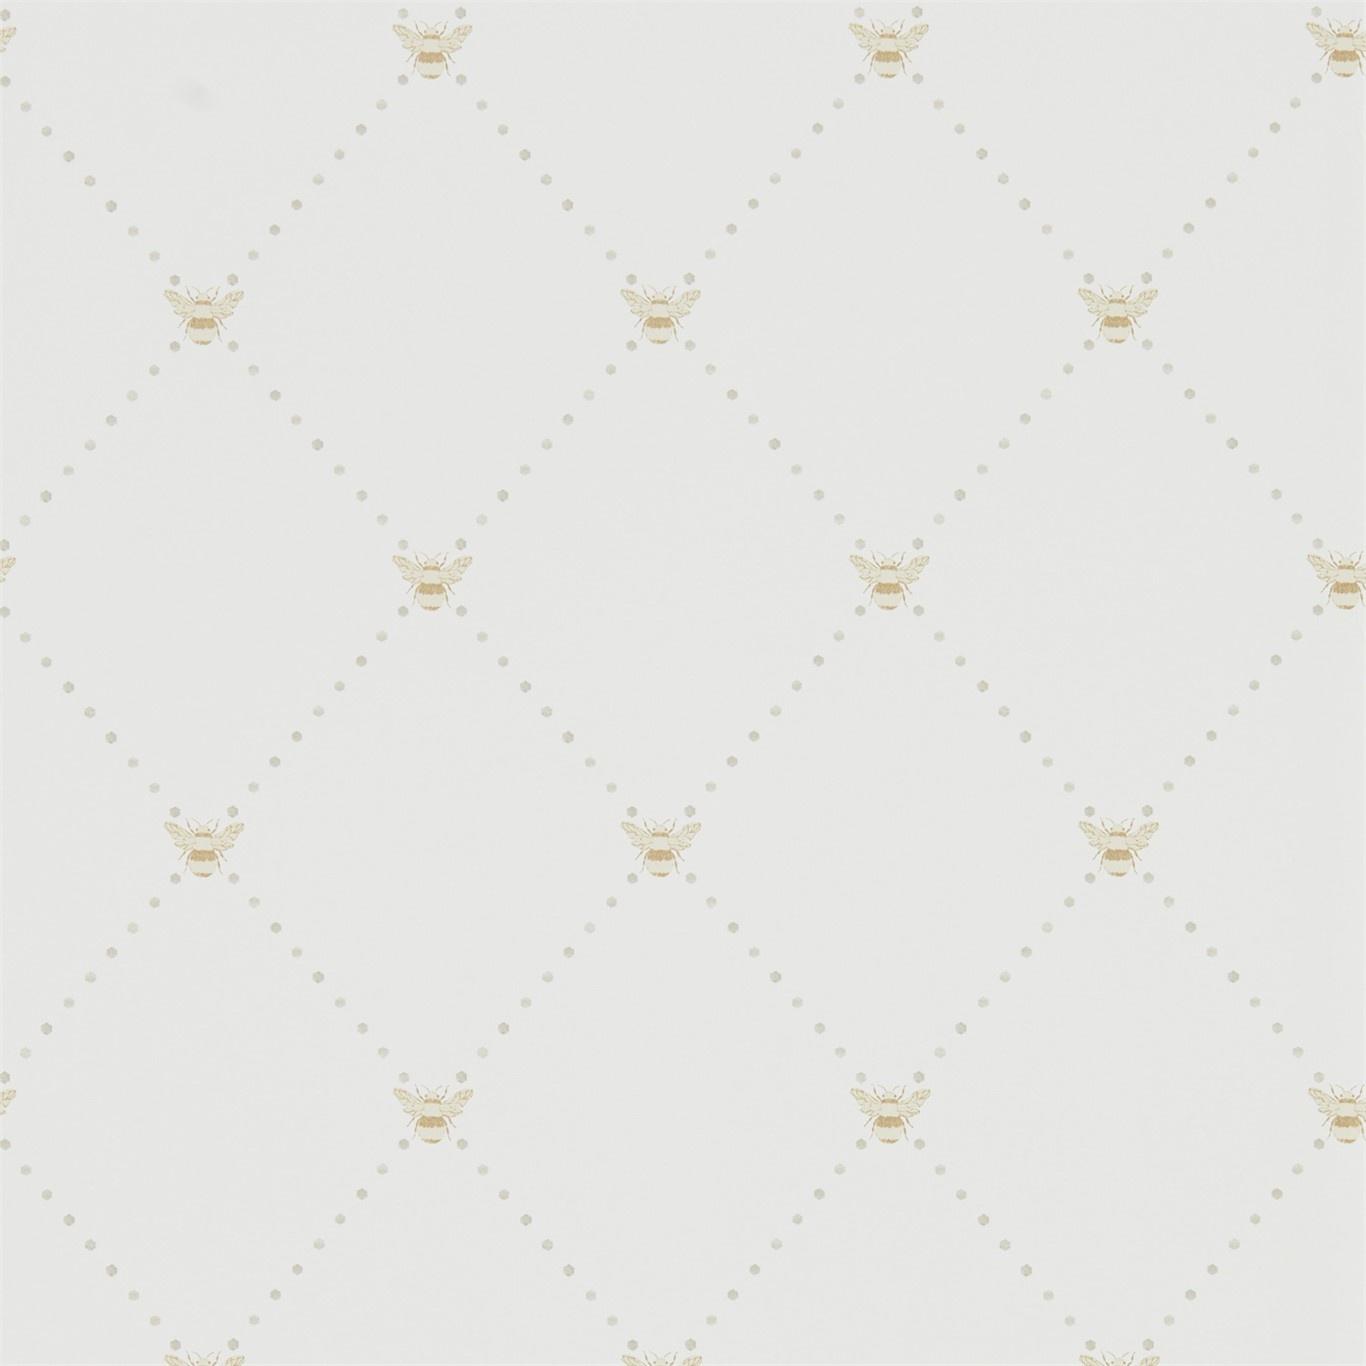 Image of Sanderson Home Nectar Linen/Honey Wallpaper 216358